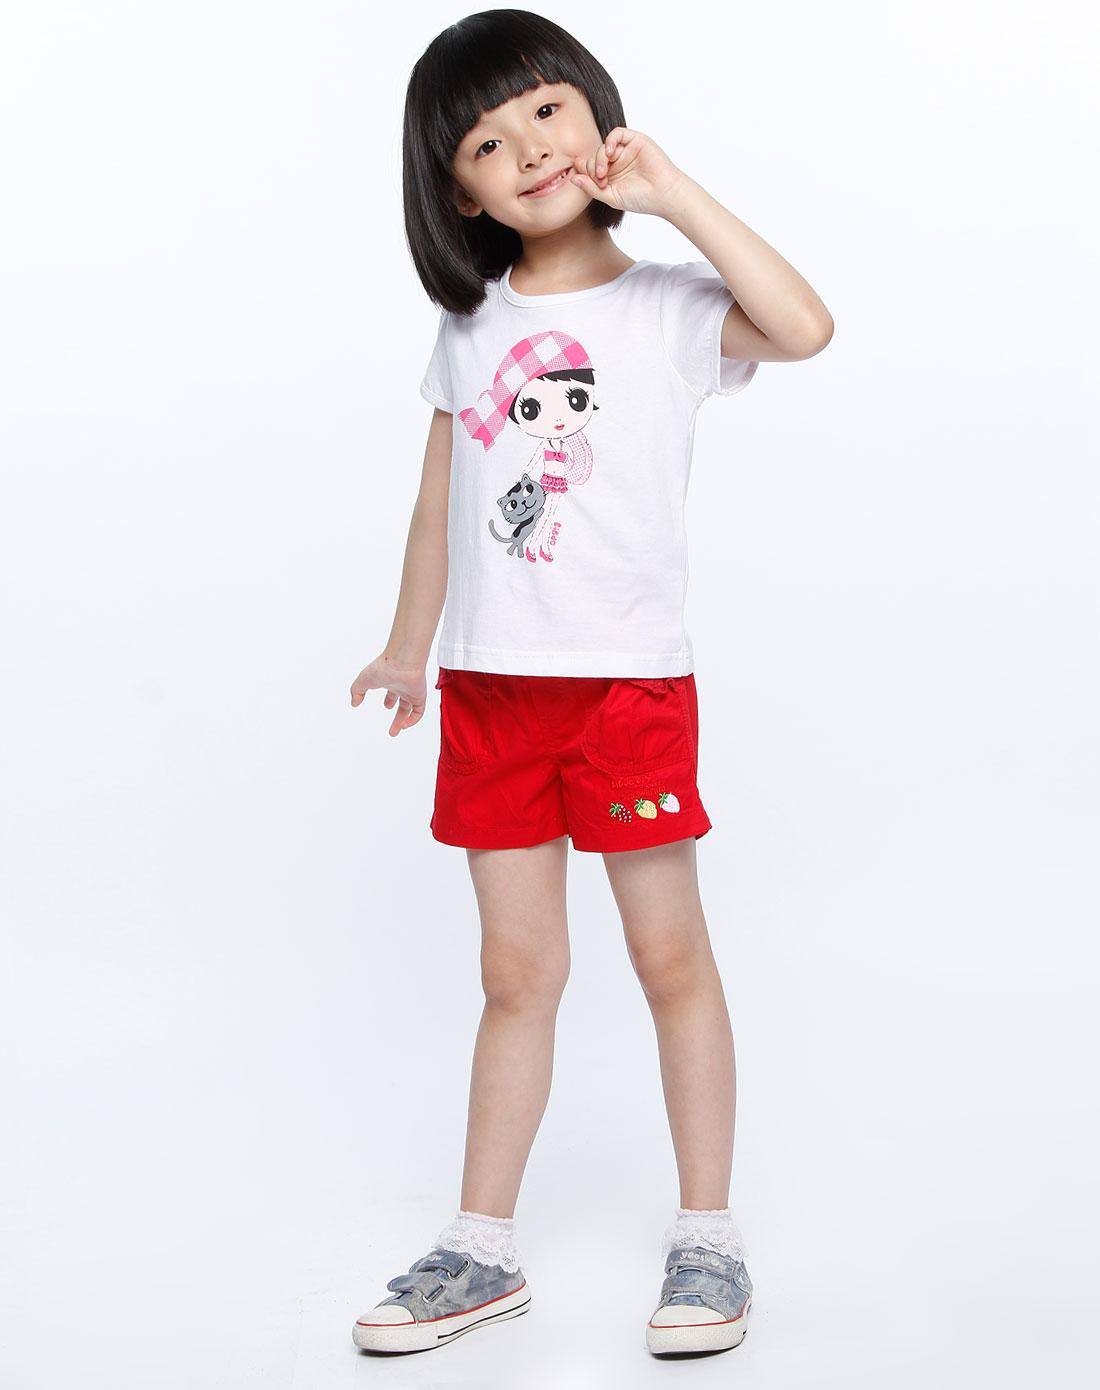 白色女孩图案短袖t恤_力果liguo女童装专场特价2-3